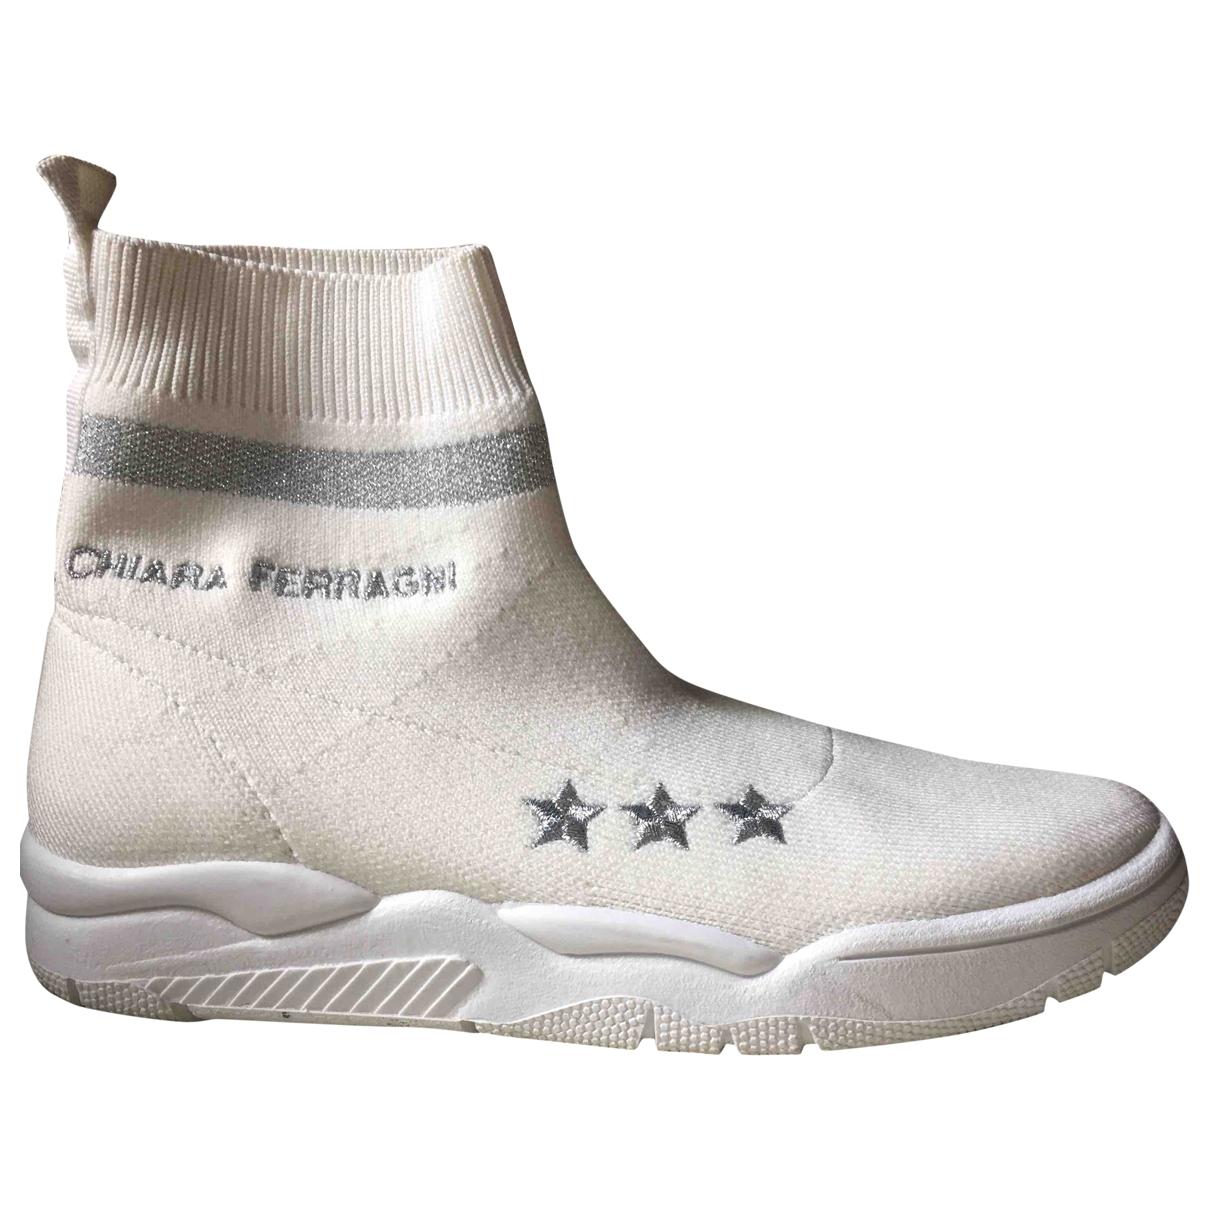 Chiara Ferragni \N Sneakers in  Weiss Leinen